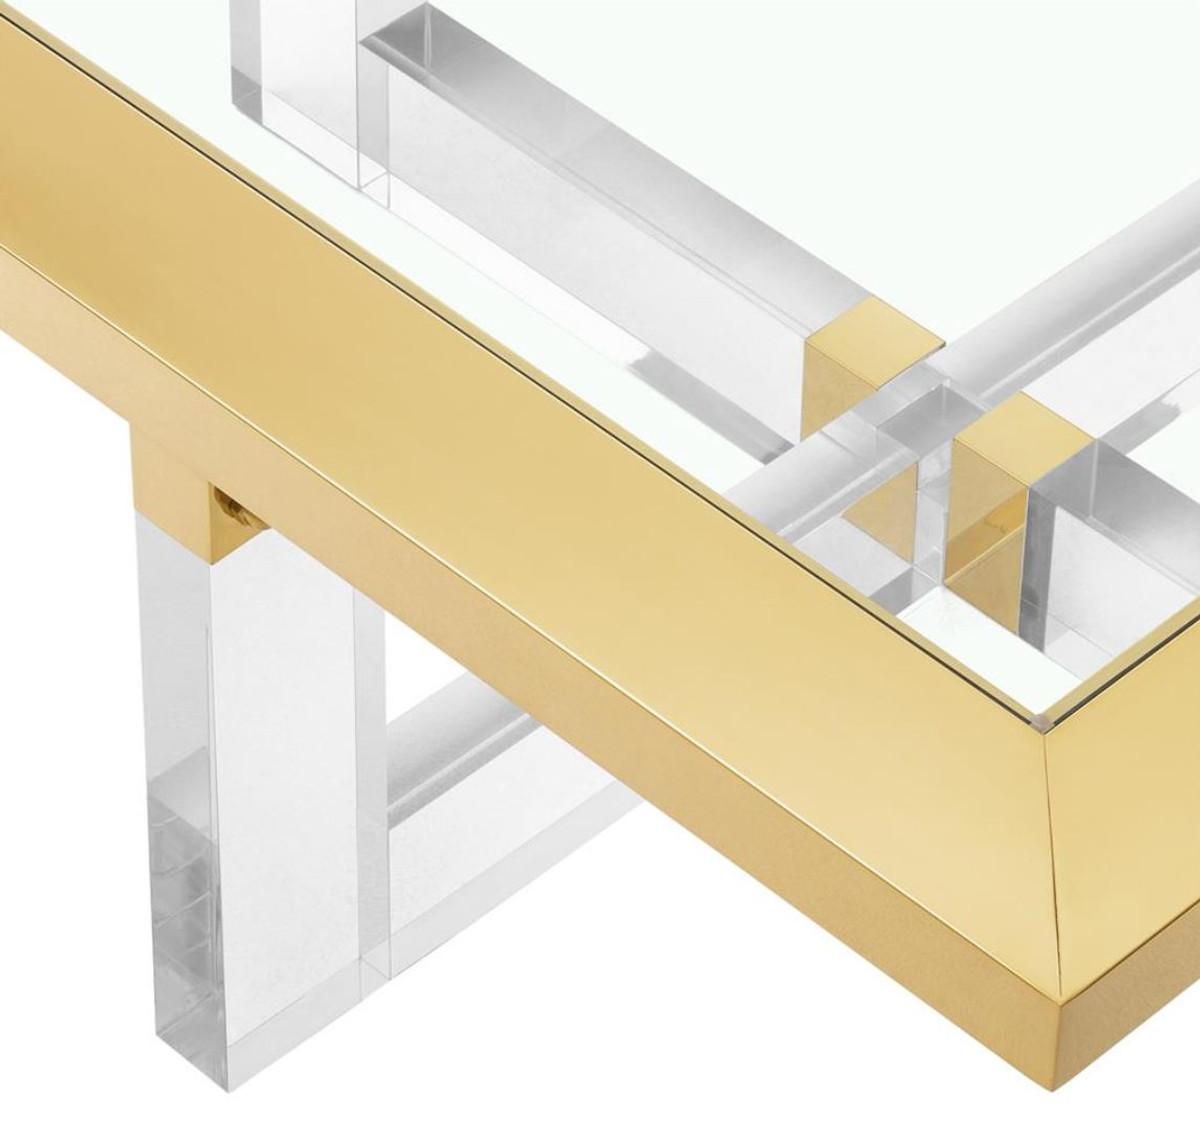 Casa padrino luxus couchtisch wohnzimmertisch gold 100 x for Couchtisch 100 x 50